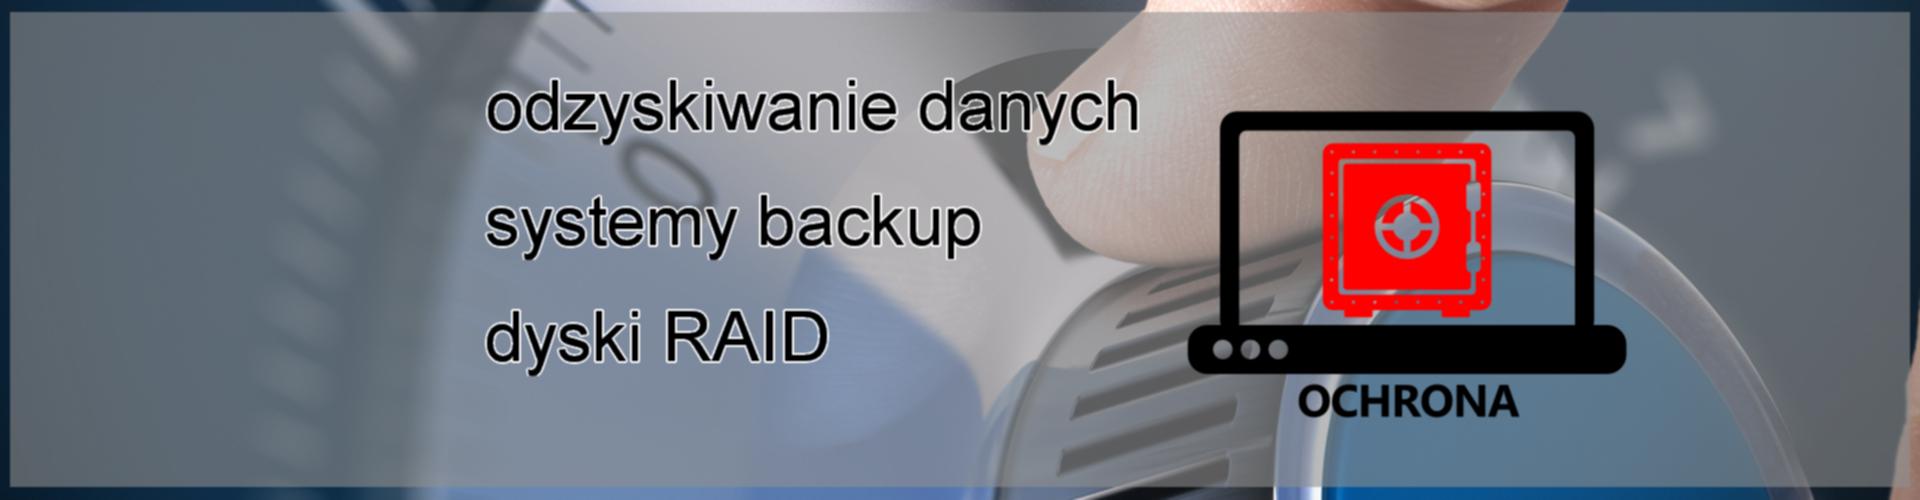 Ochrona - odzyskiwanie danych, systemy backup, dyski RAID